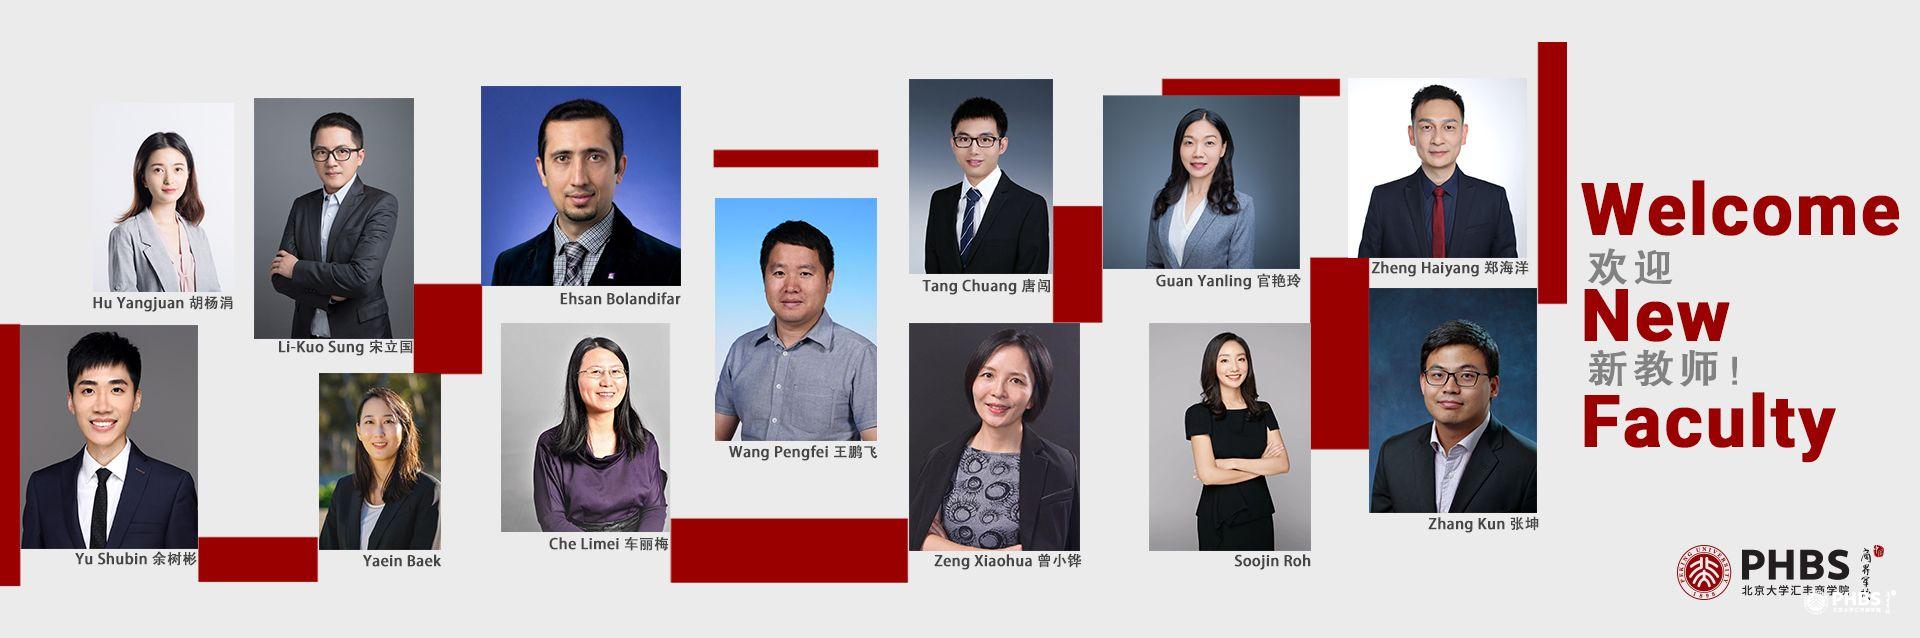 欢迎王鹏飞等13位学者加入北大汇丰